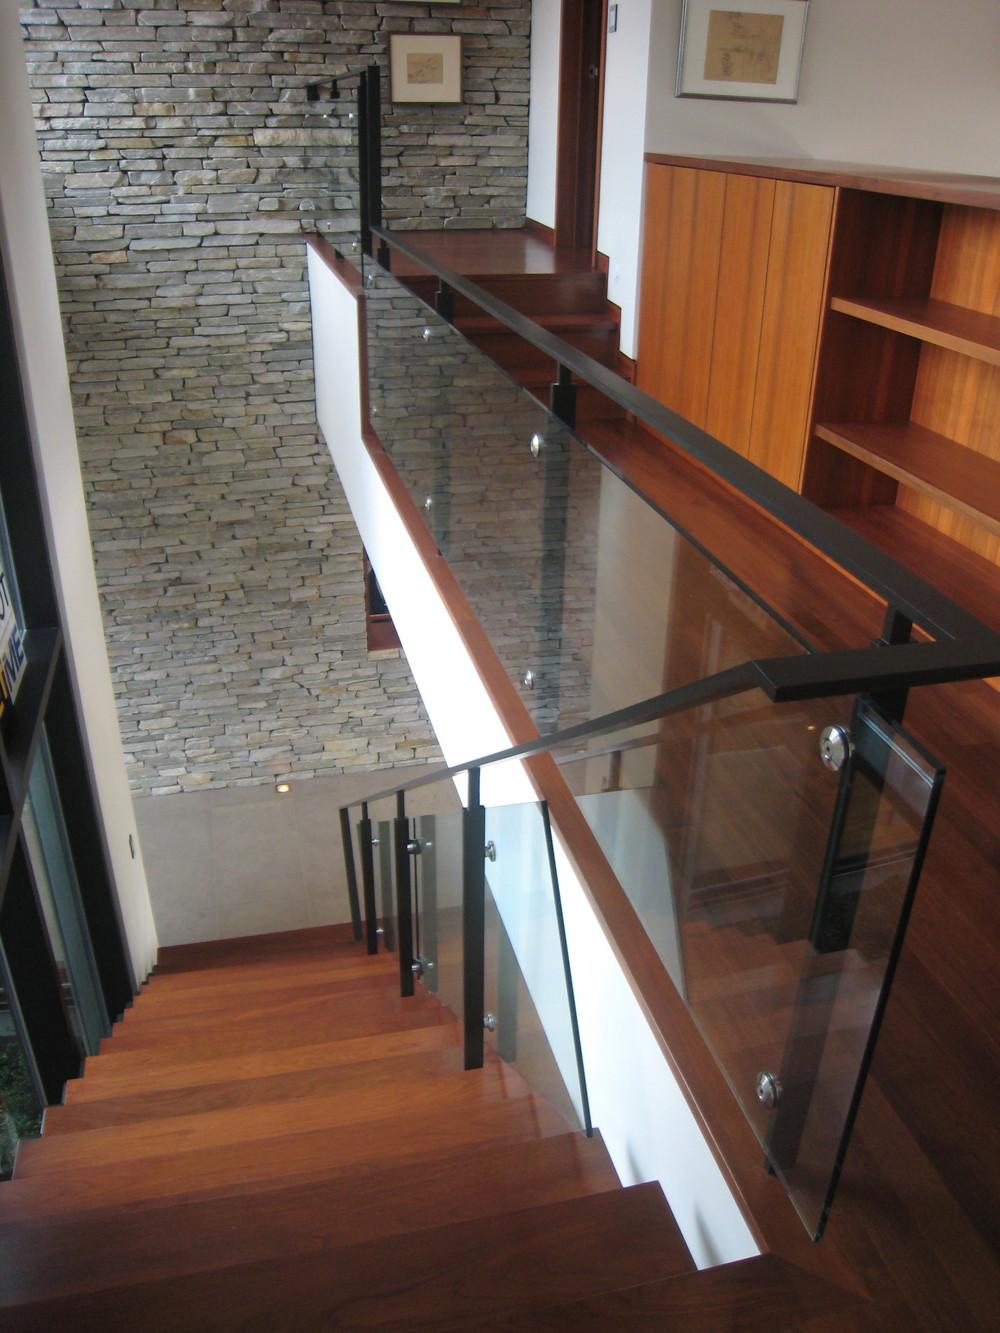 14 - Stair.JPG